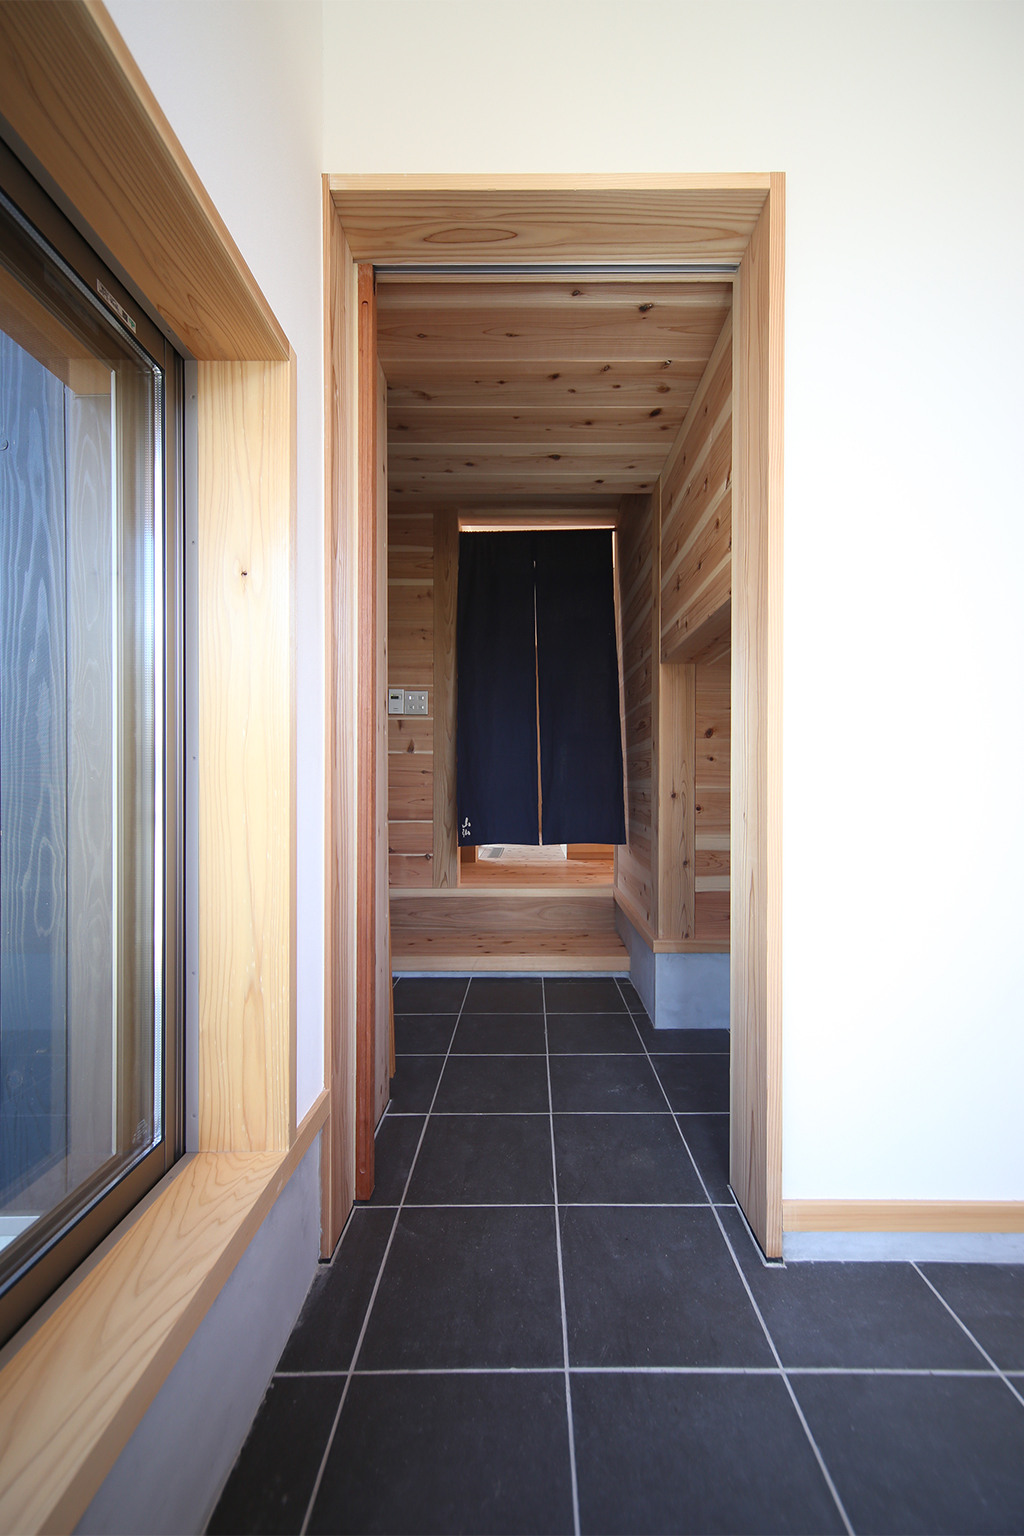 姫路市の木の家 土間で用途が広がる玄関と内玄関